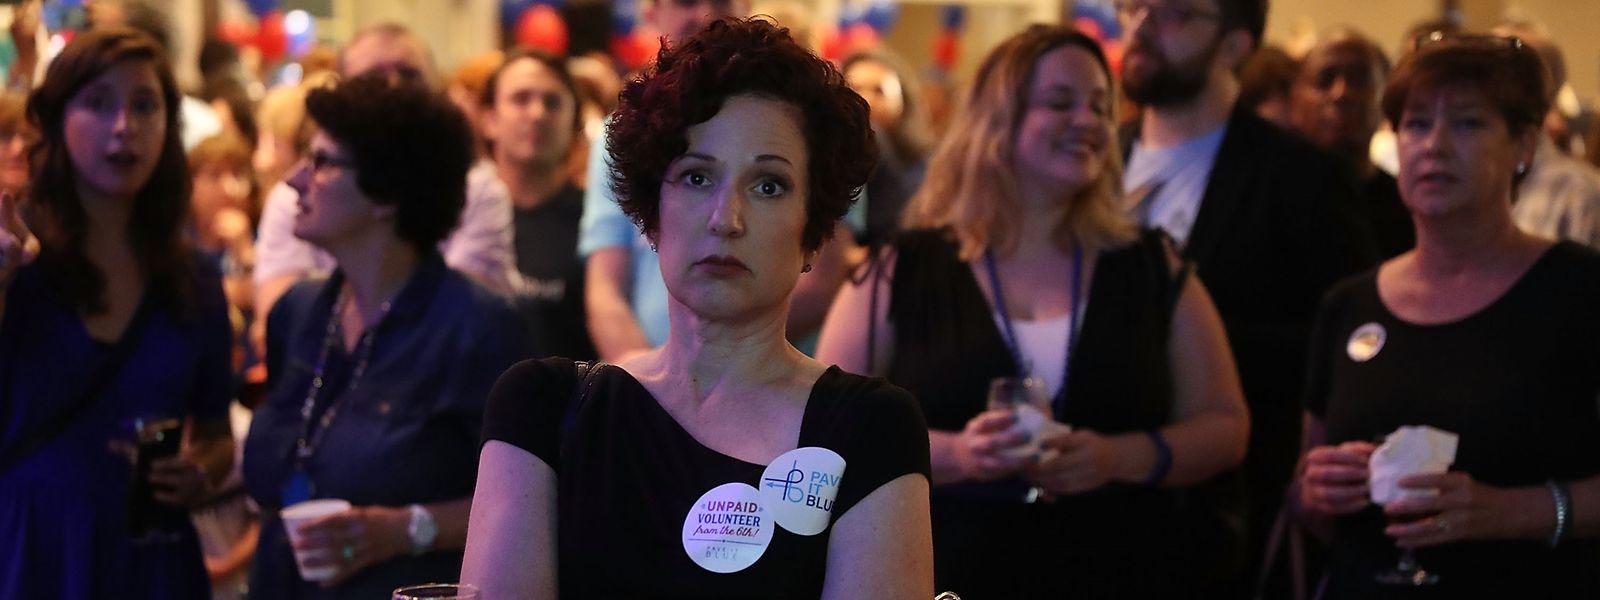 Desillusionierung macht sich in der Demokratischen Partei breit.